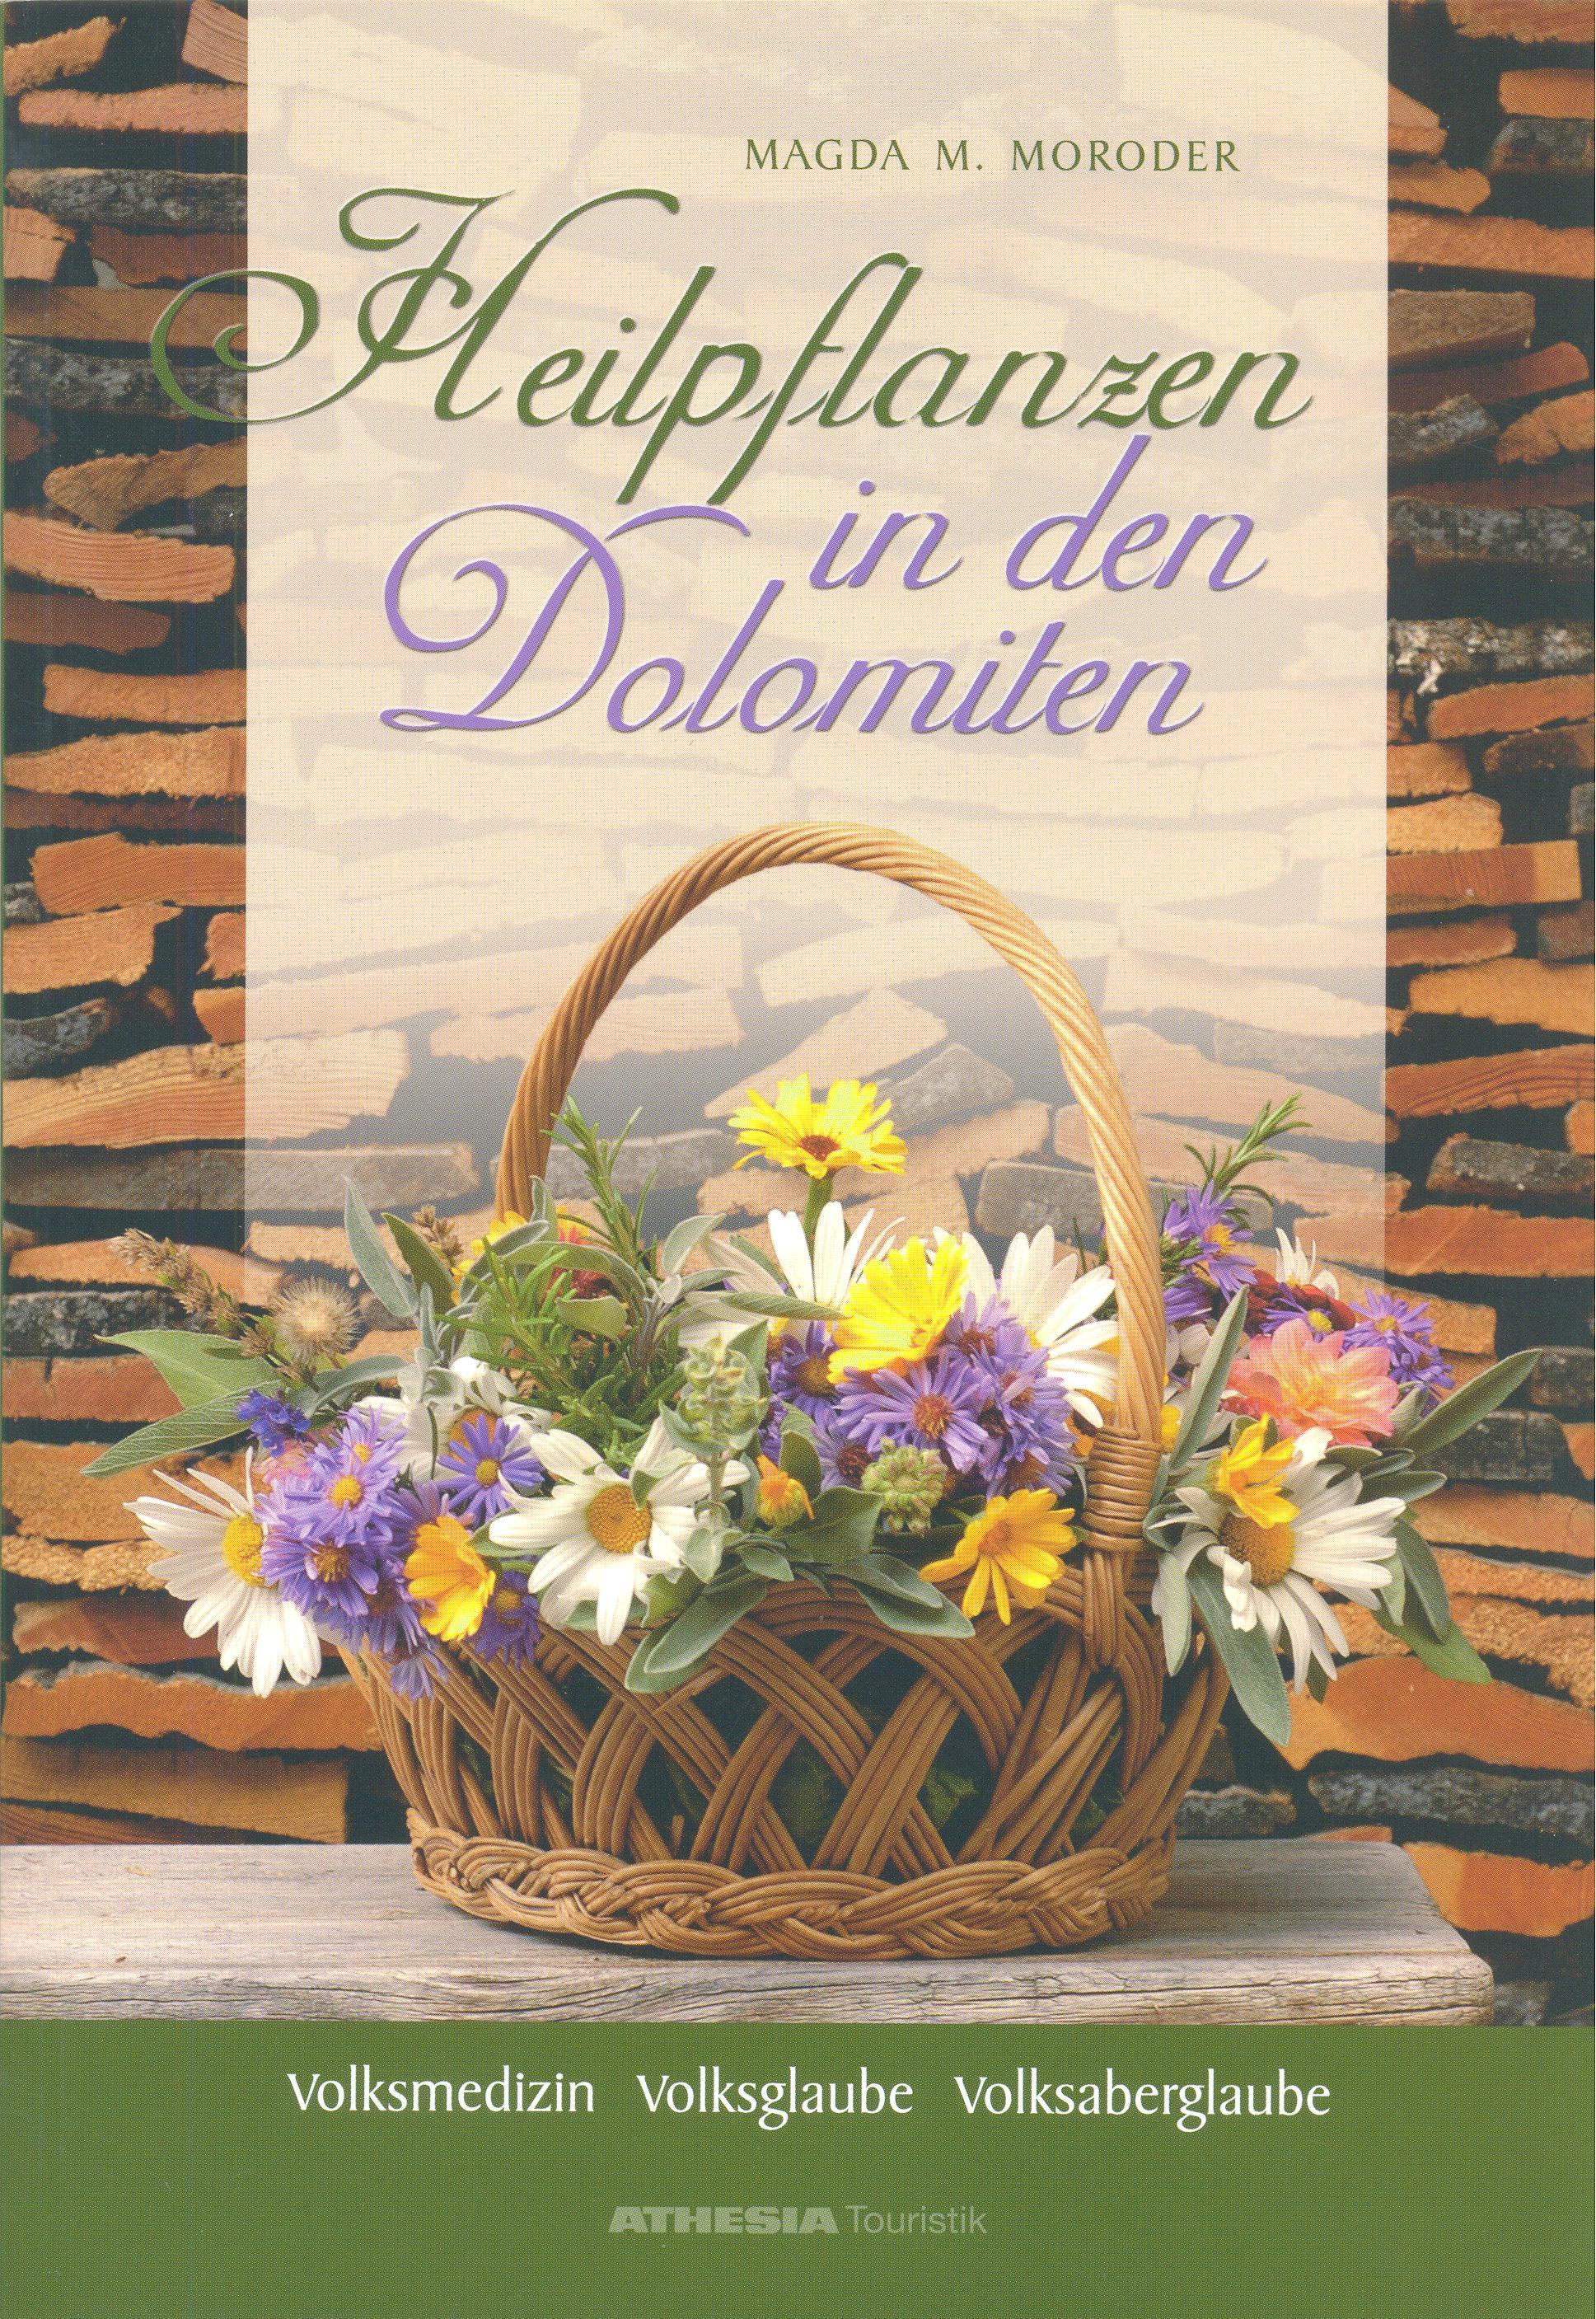 Heilpflanzen in den Dolomiten, Magda M. Moroder